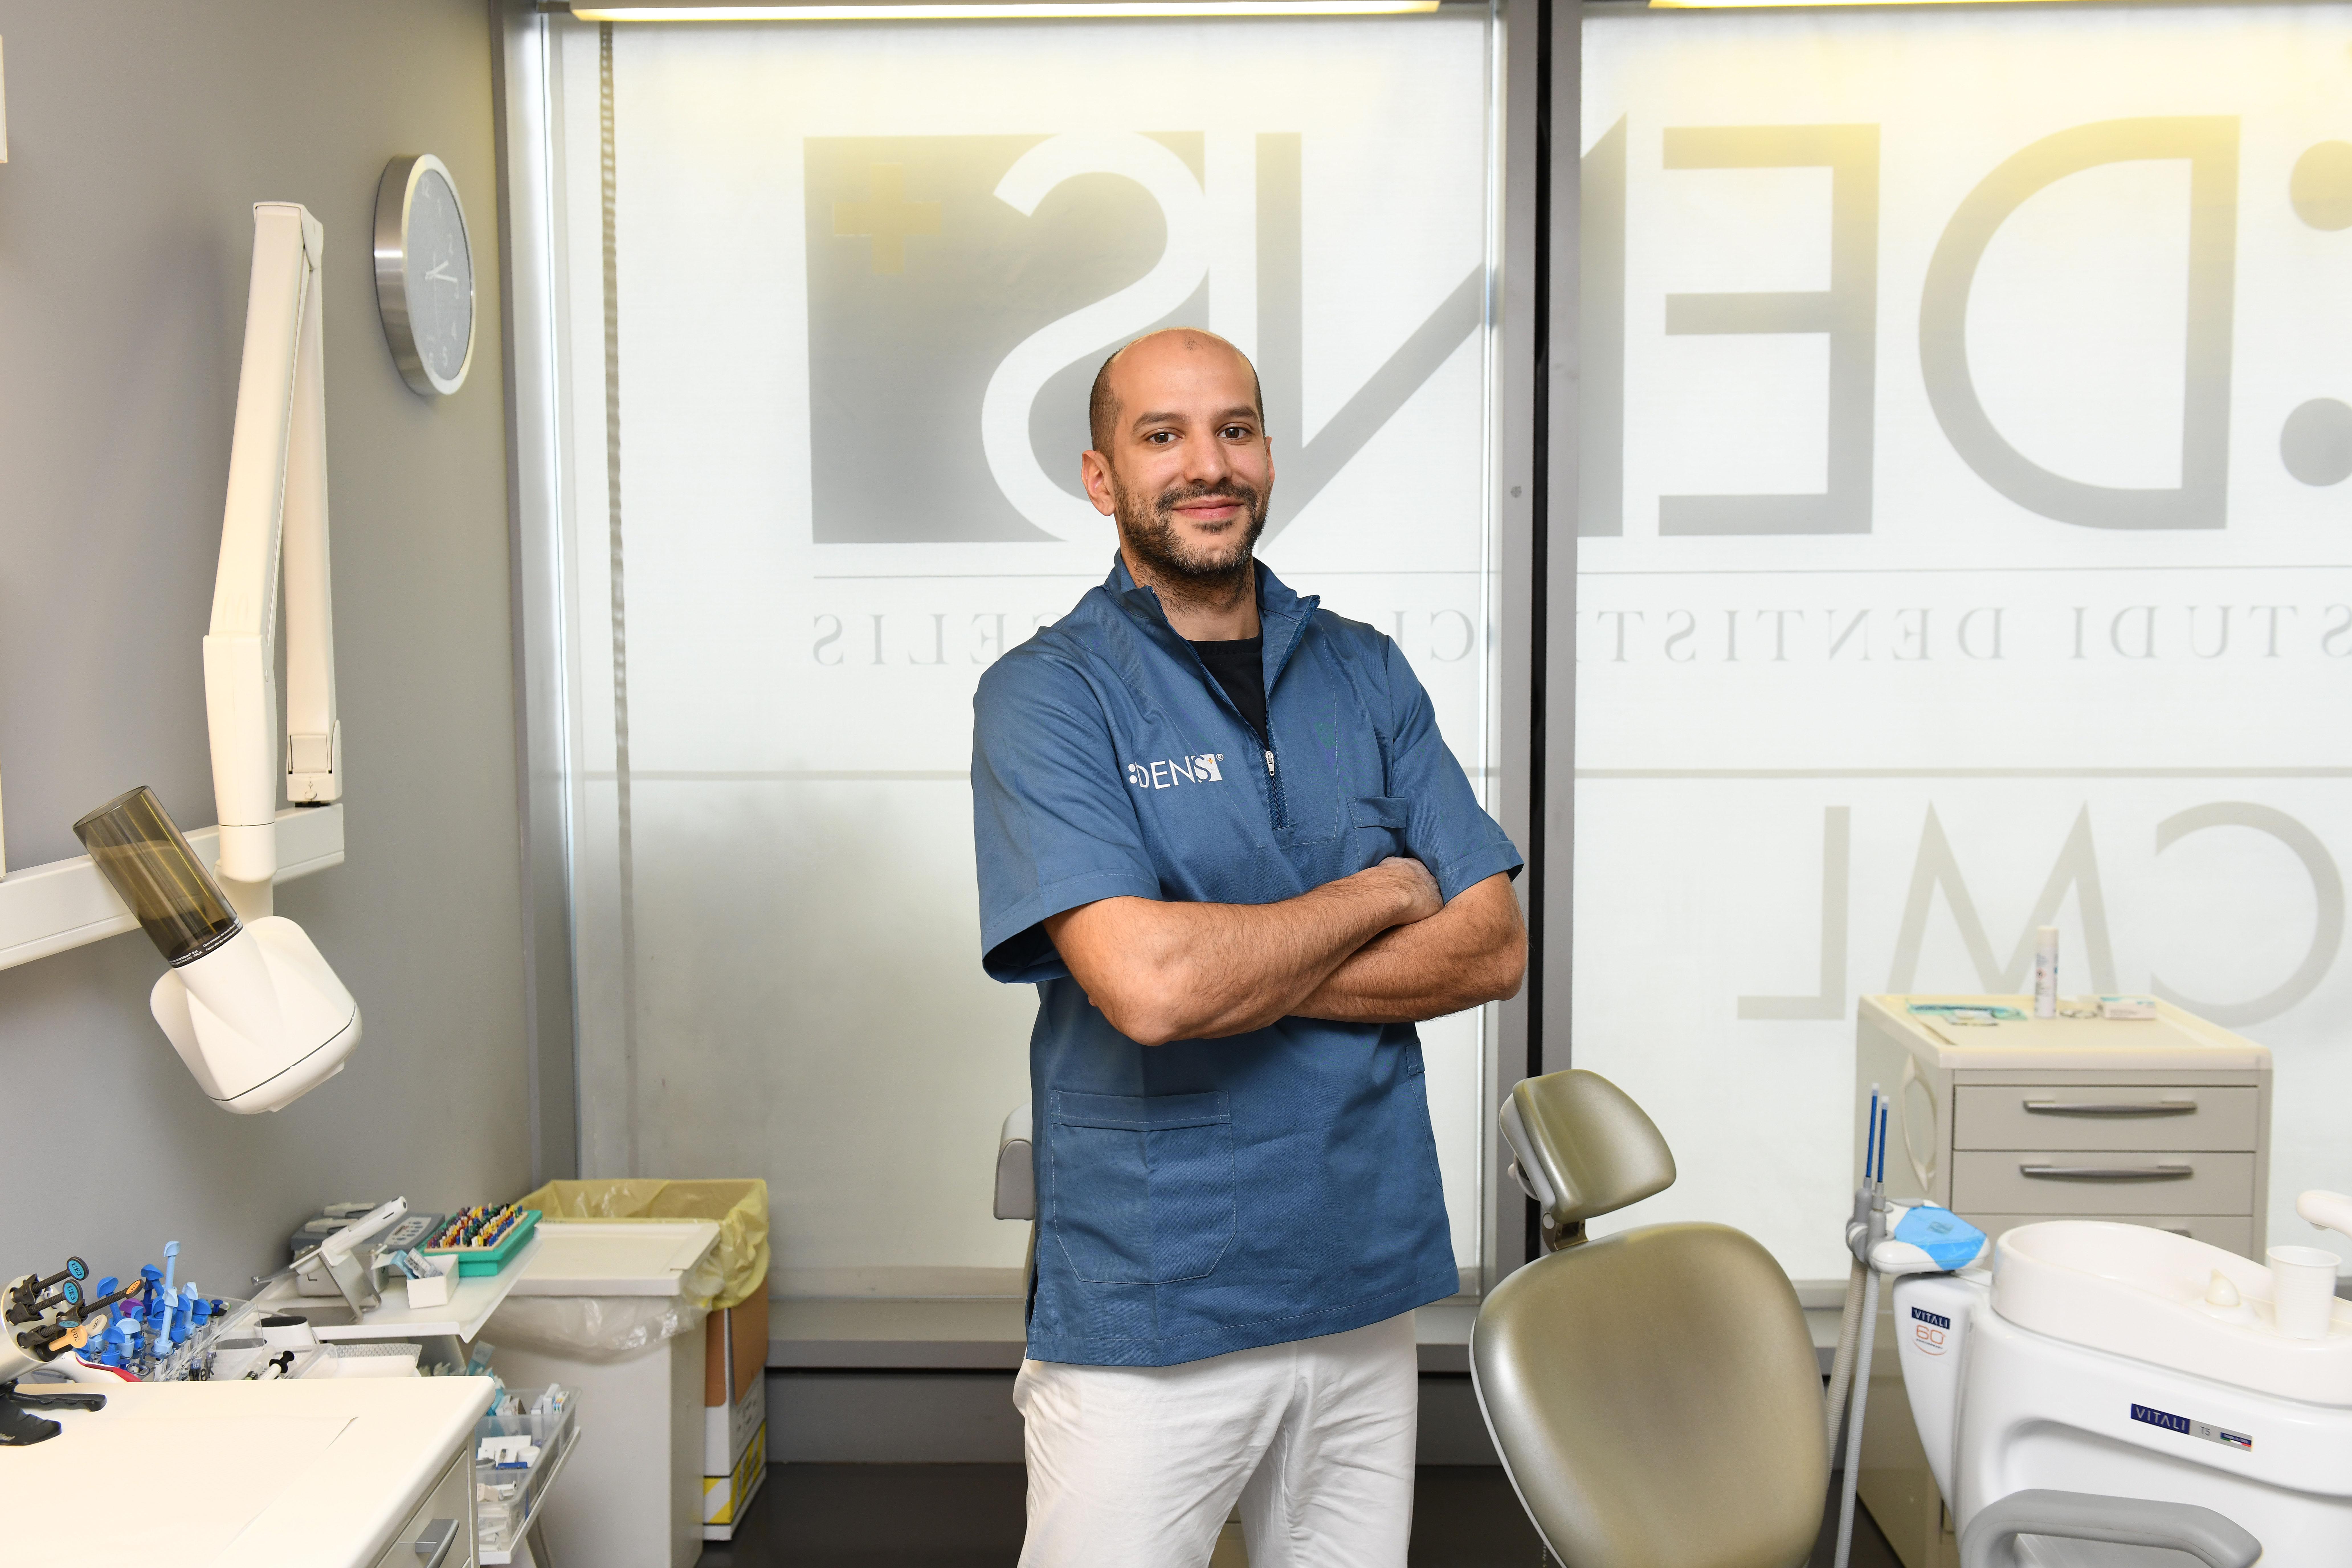 Incontri uno studente di odontoiatria